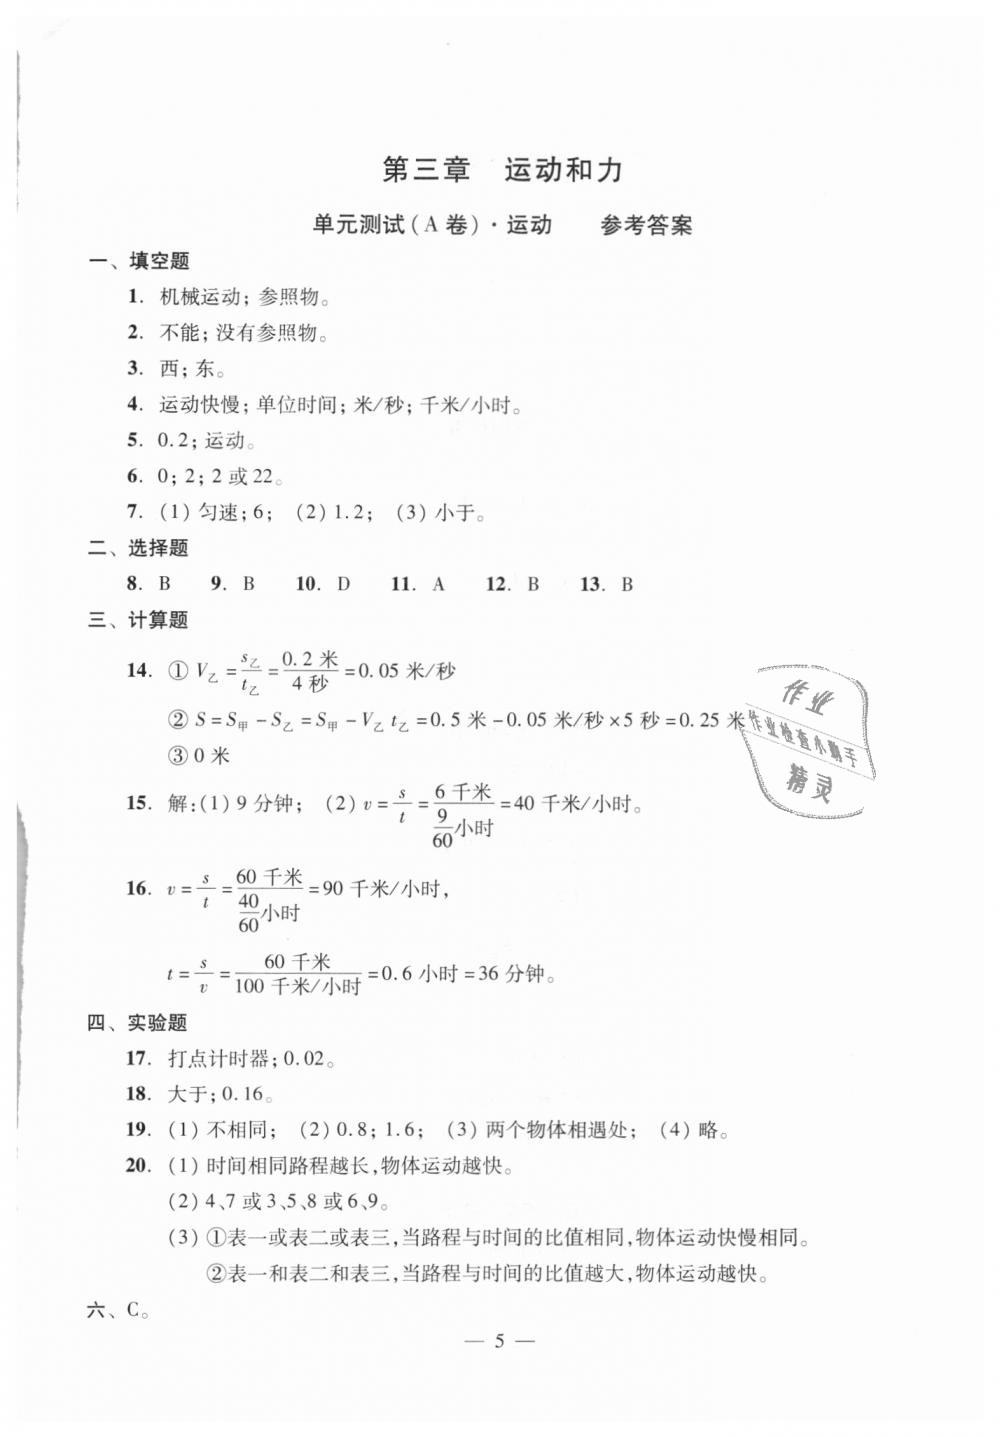 2018年初中物理双基过关堂堂练八年级全一册沪教版第49页